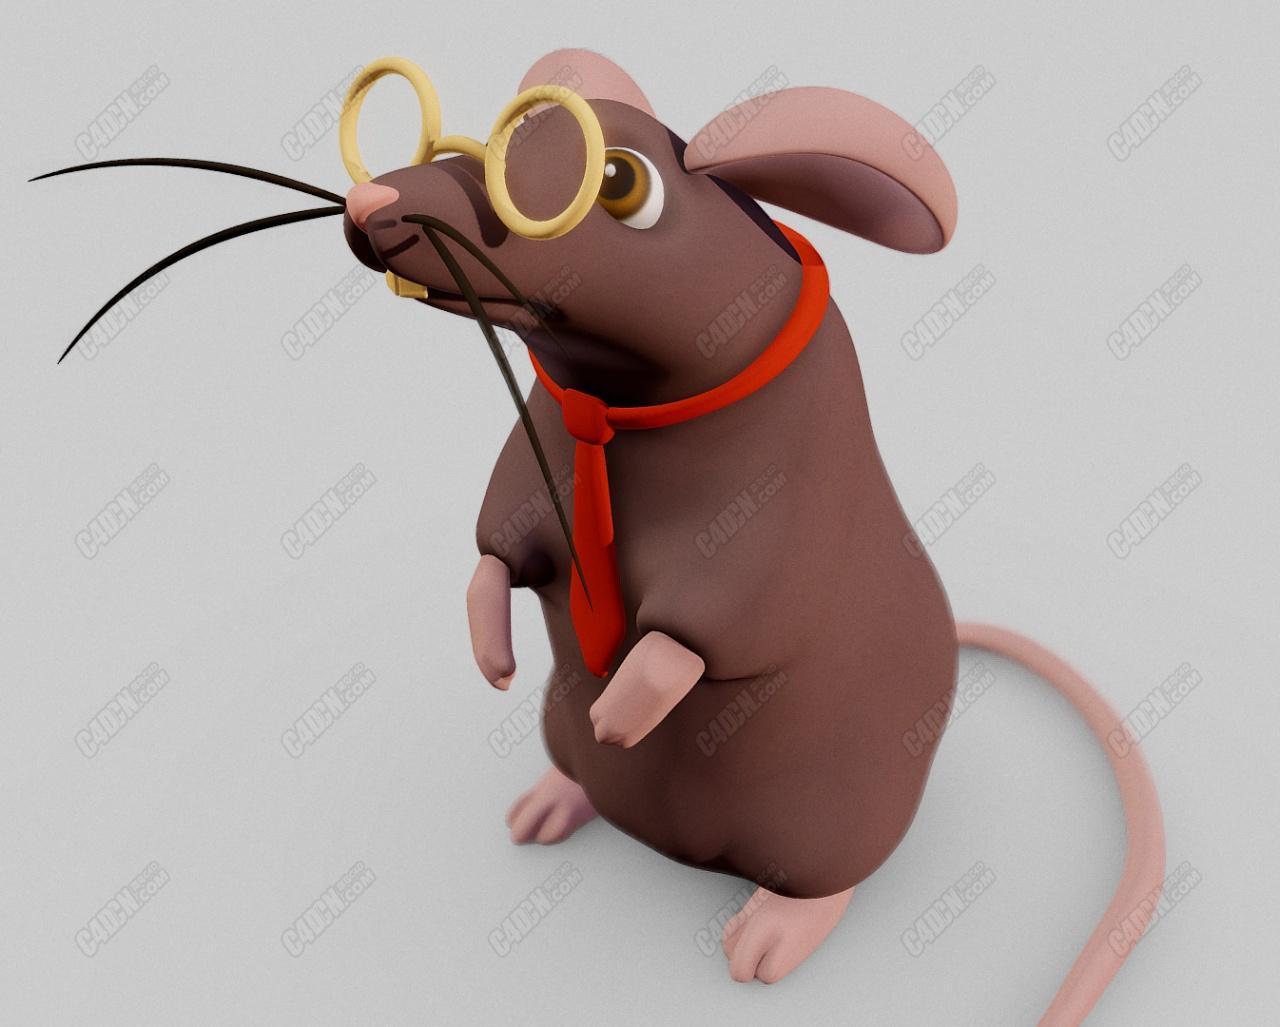 C4D戴眼镜打领带的卡通老鼠学者动物模型